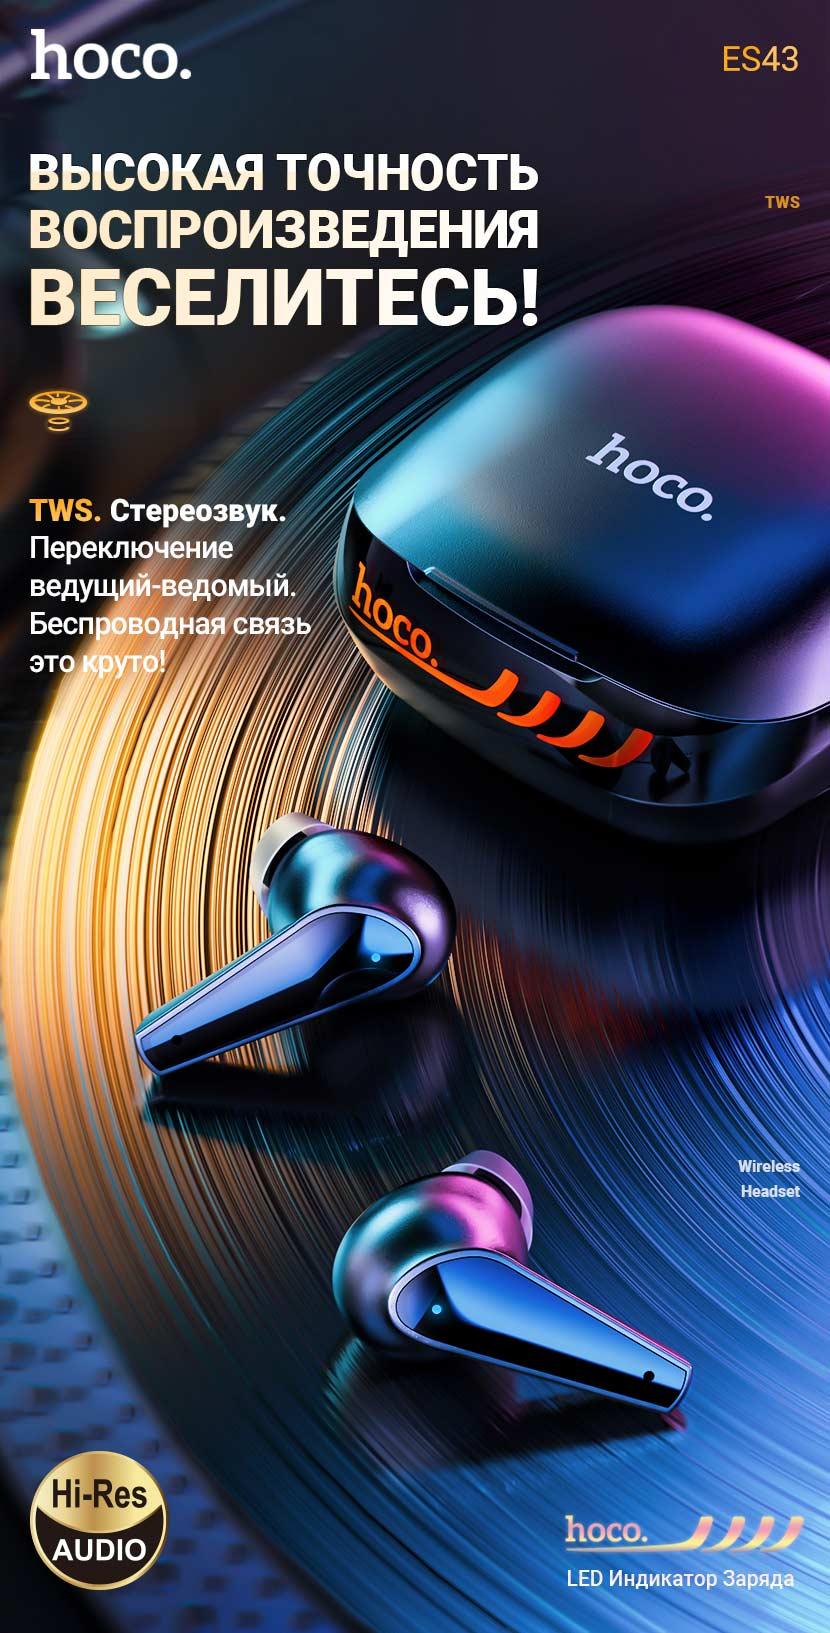 hoco news es43 lucky sound tws wireless headset fidelity ru